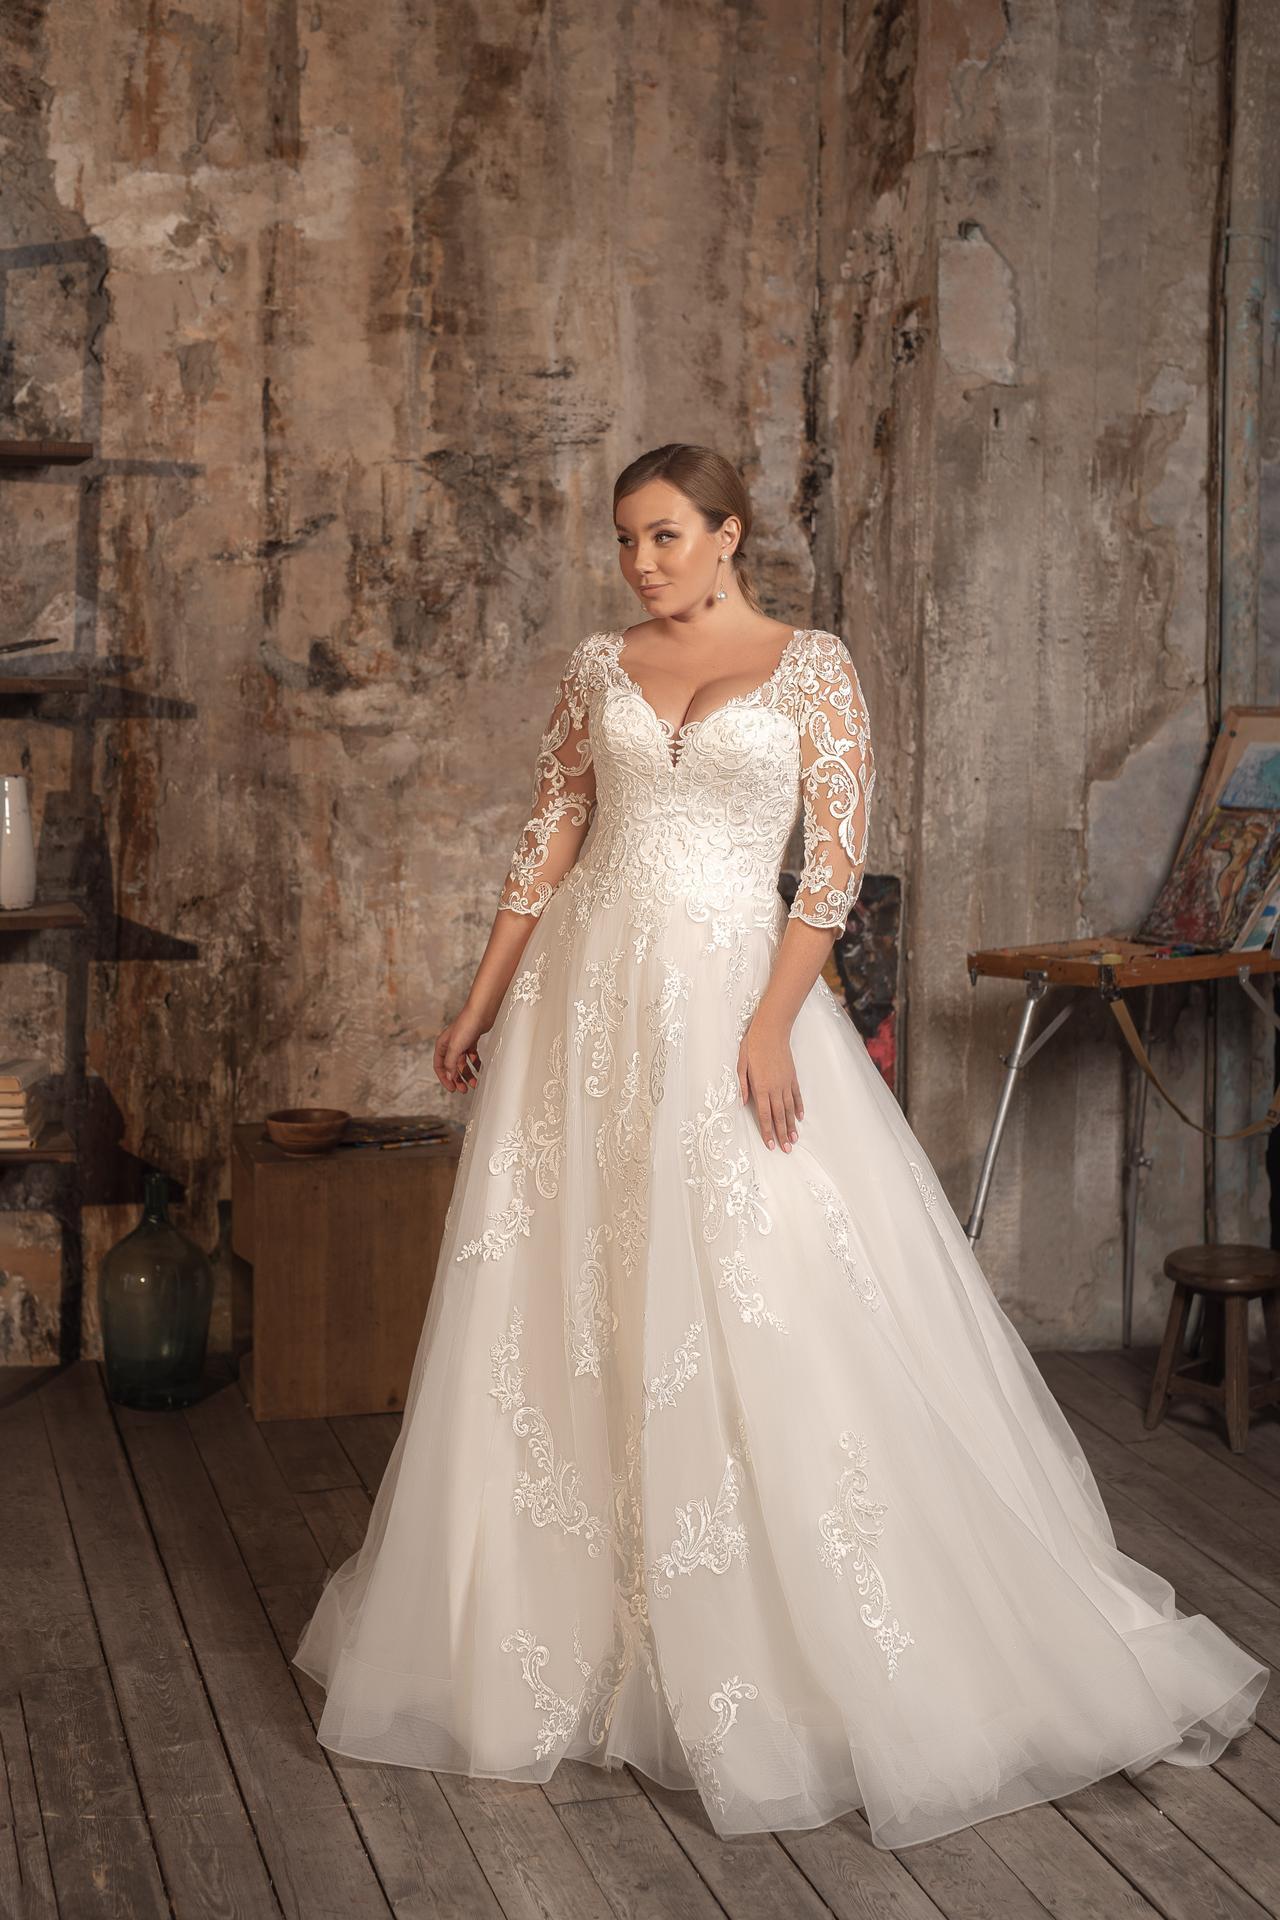 Svatební šaty k prodeji, nebo k zapůjčení - Obrázek č. 3